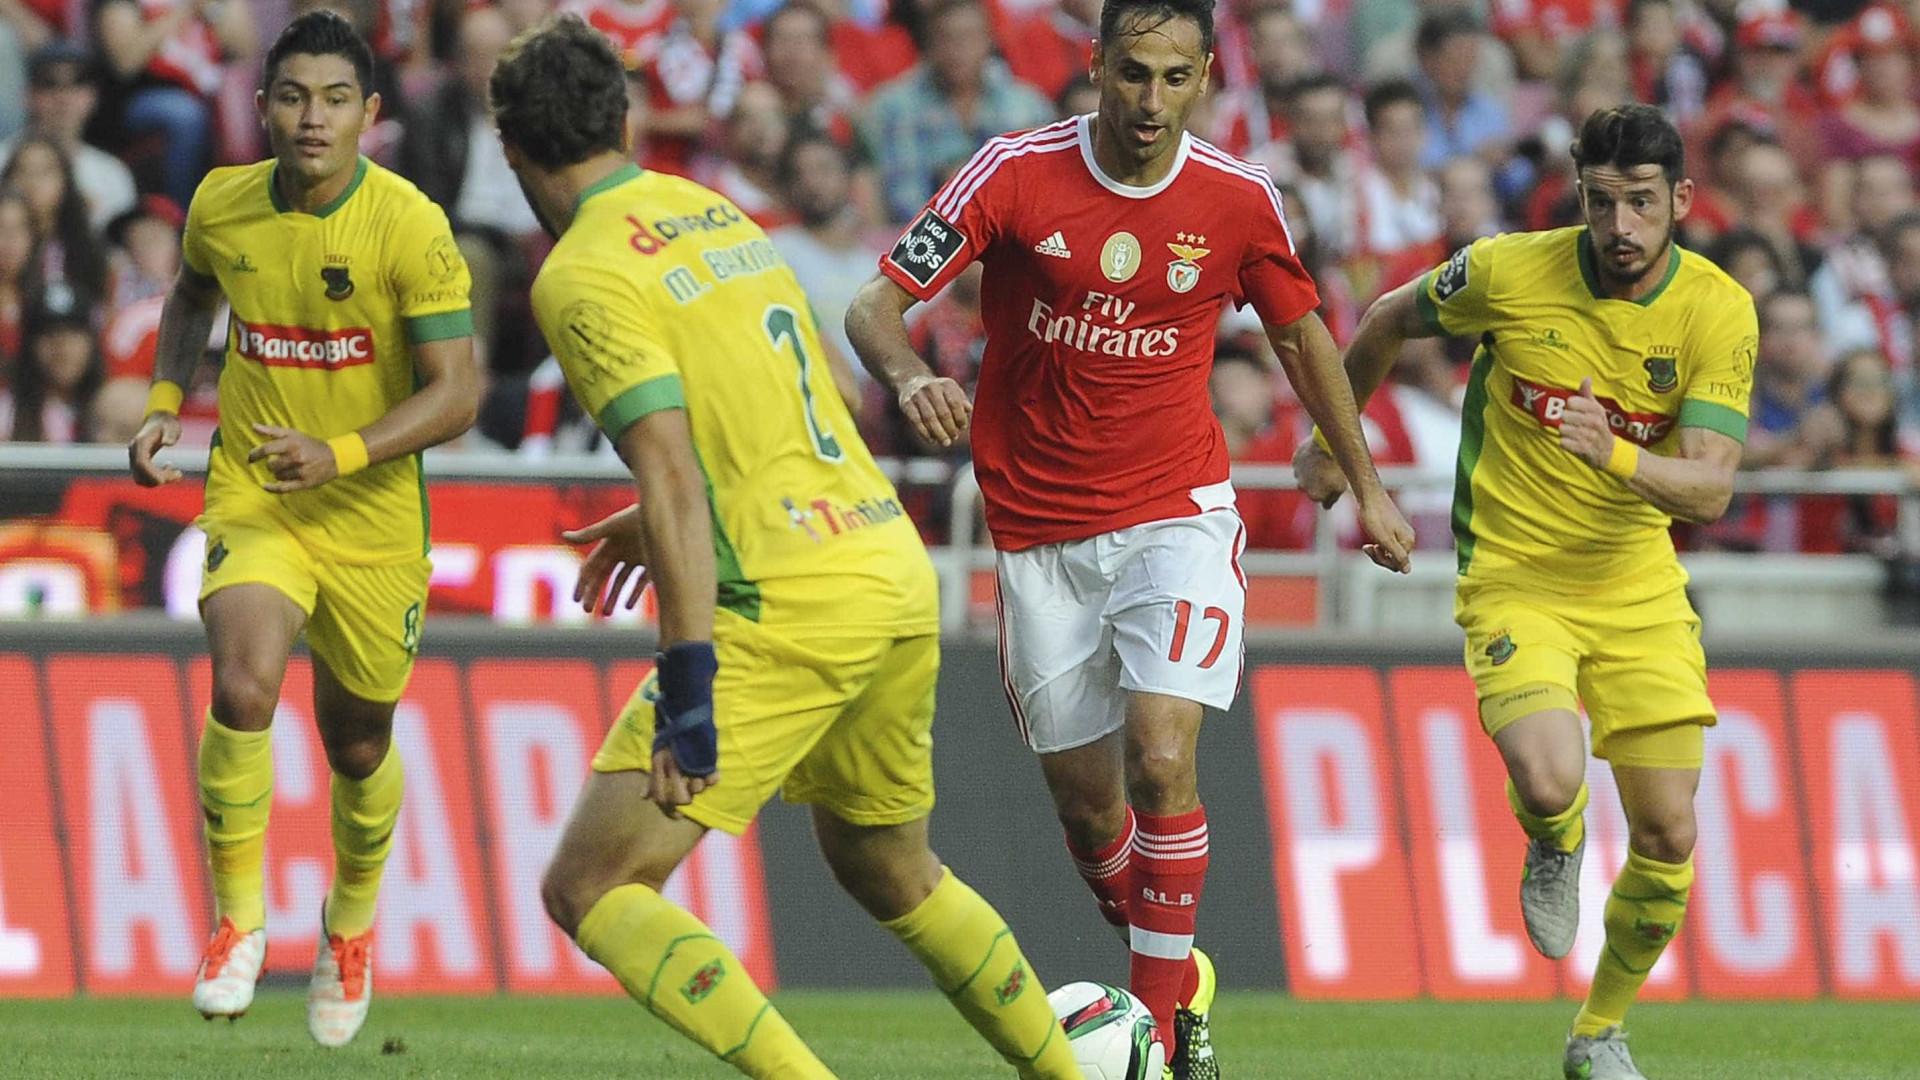 Paços abre estádio duas horas e meia antes do jogo com o Benfica